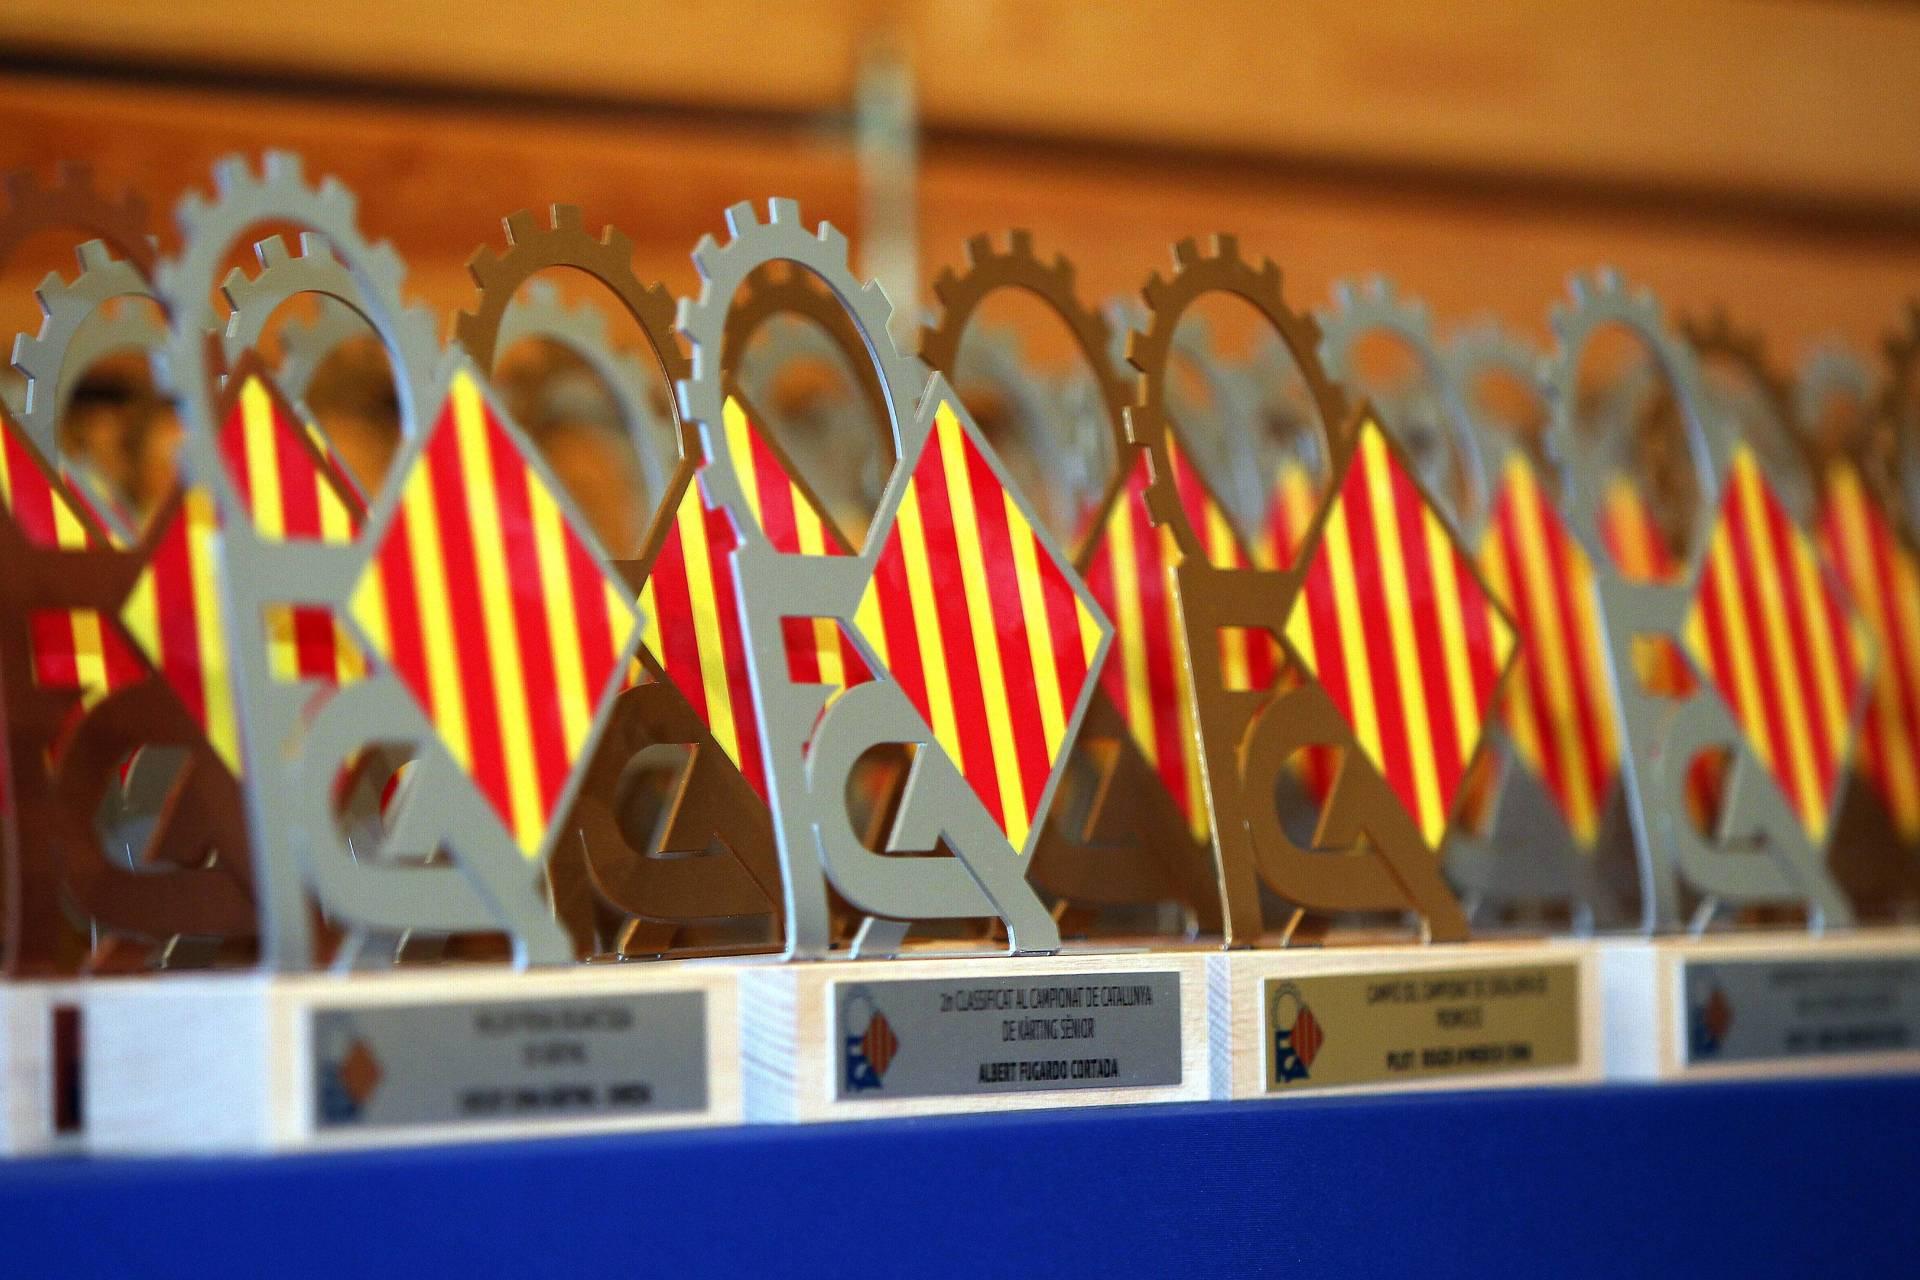 El lliurament de premis de la temporada 2018 tindrà lloc el 18 de gener